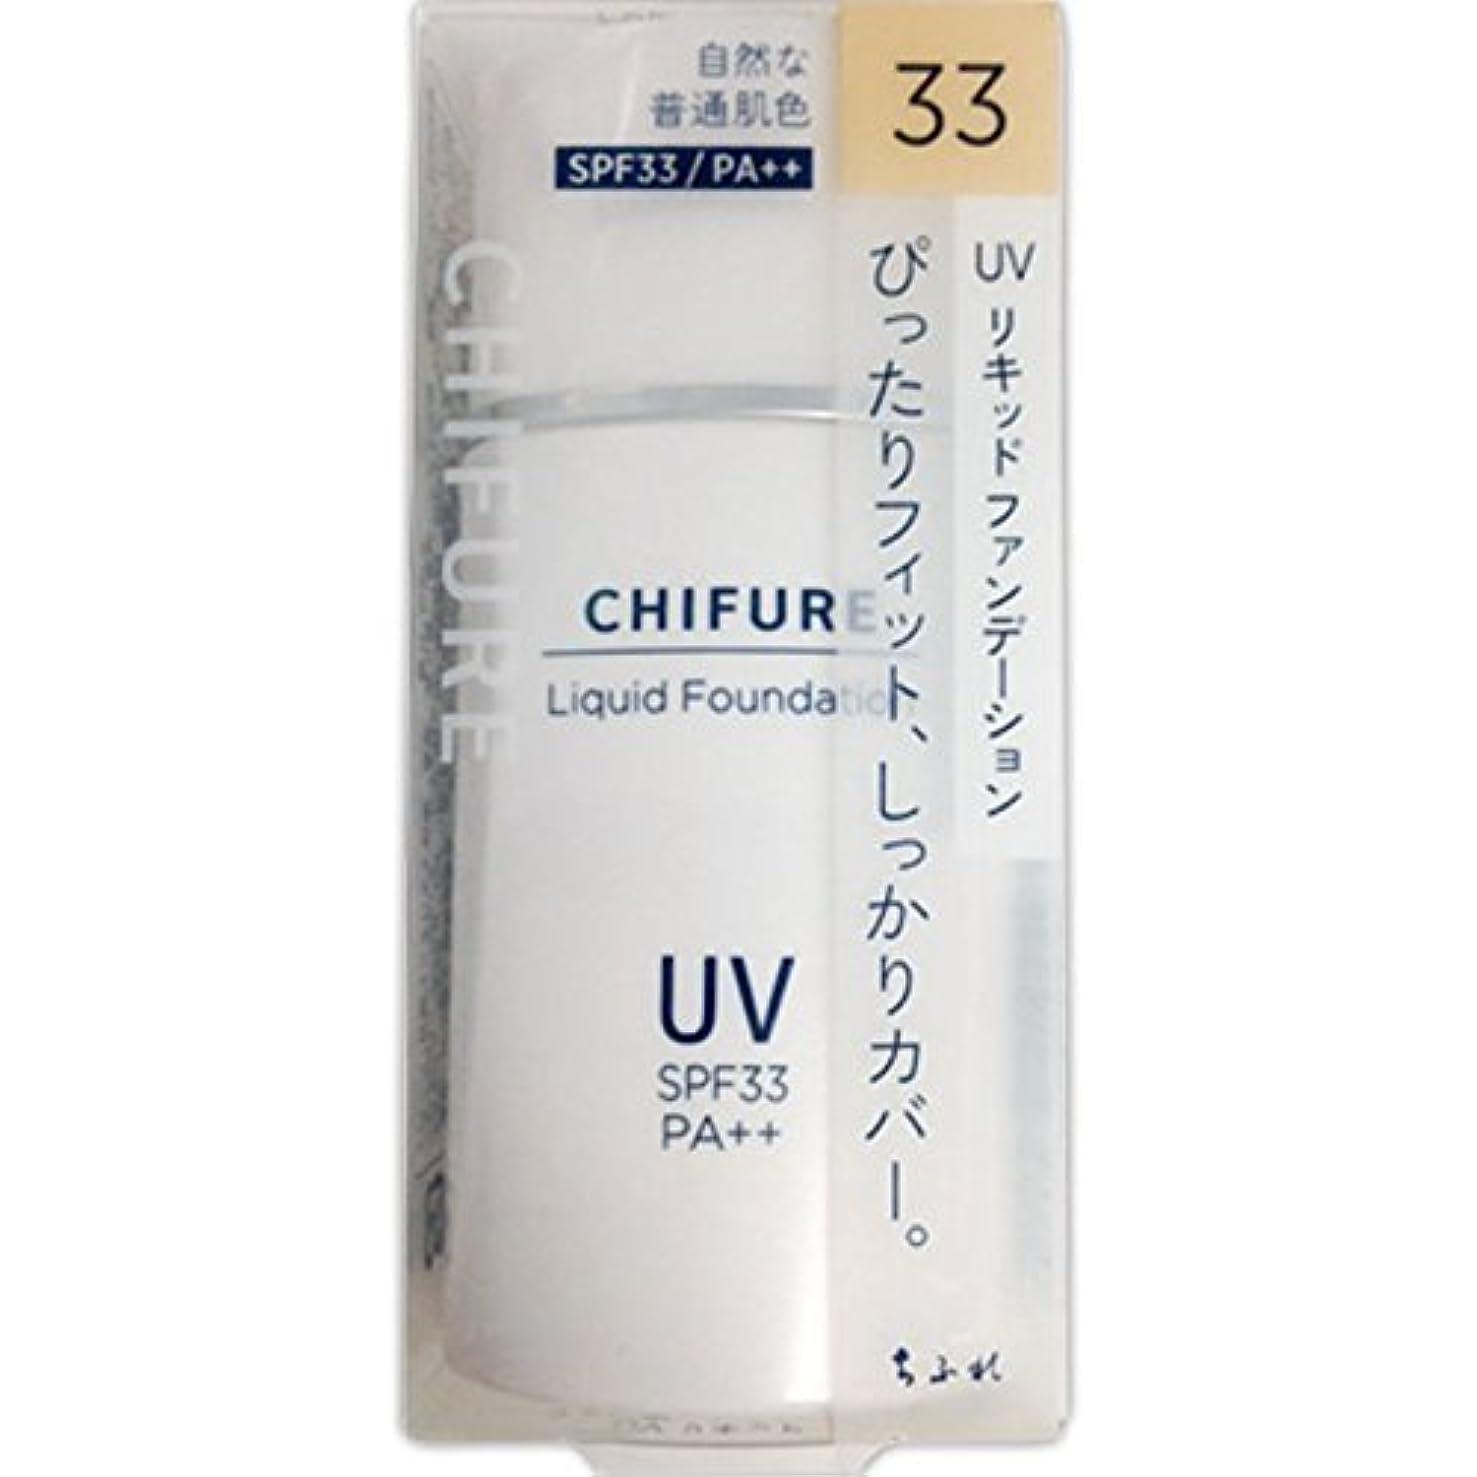 一口ウィンクダーリンちふれ化粧品 UV リキッド ファンデーション 33 自然な普通肌色 30ML